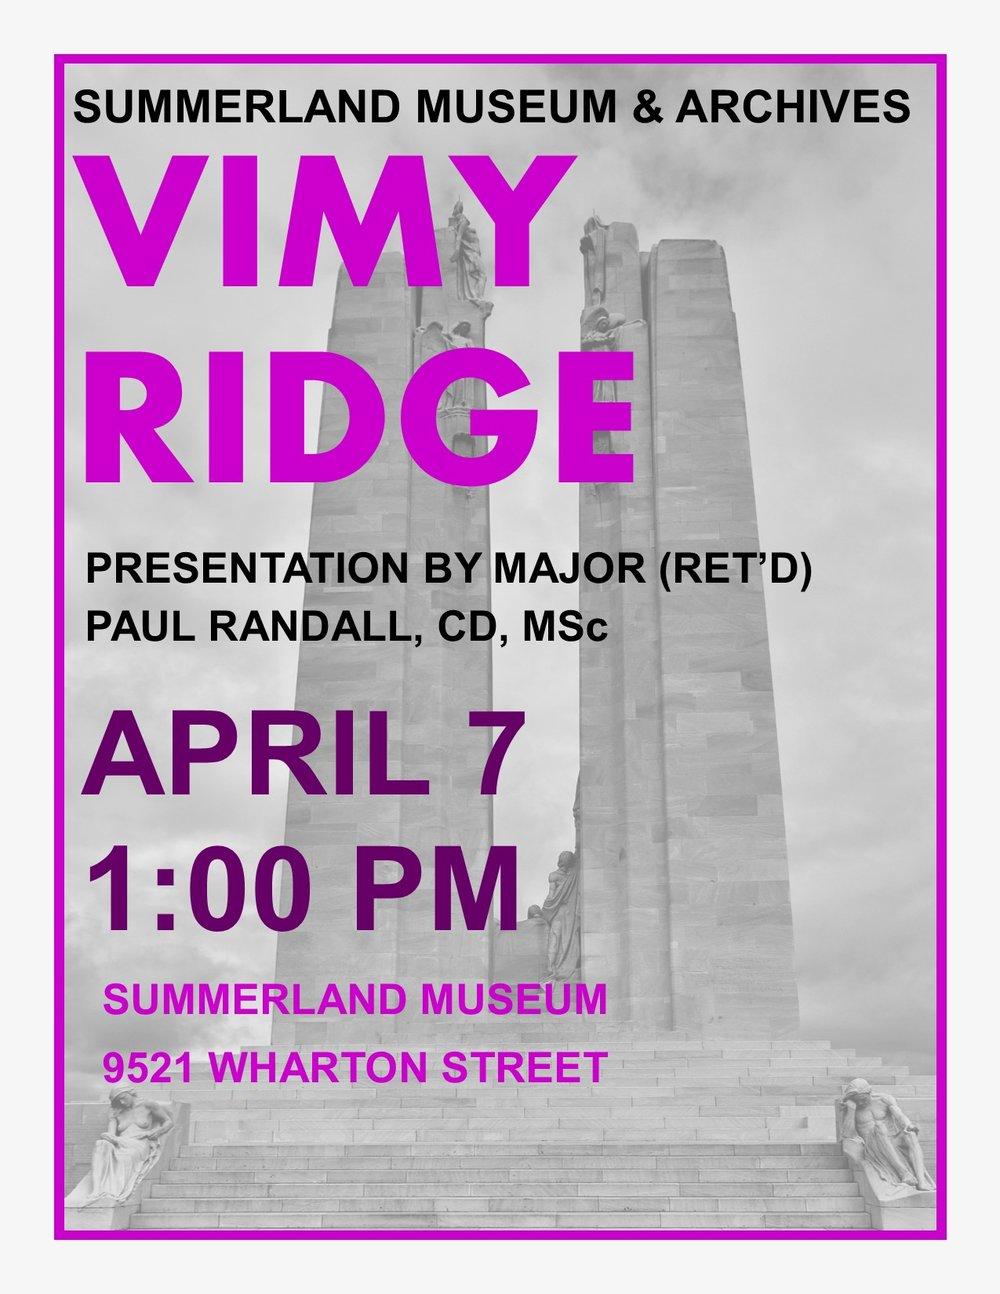 Vimy Ridge Poster 2018.jpg